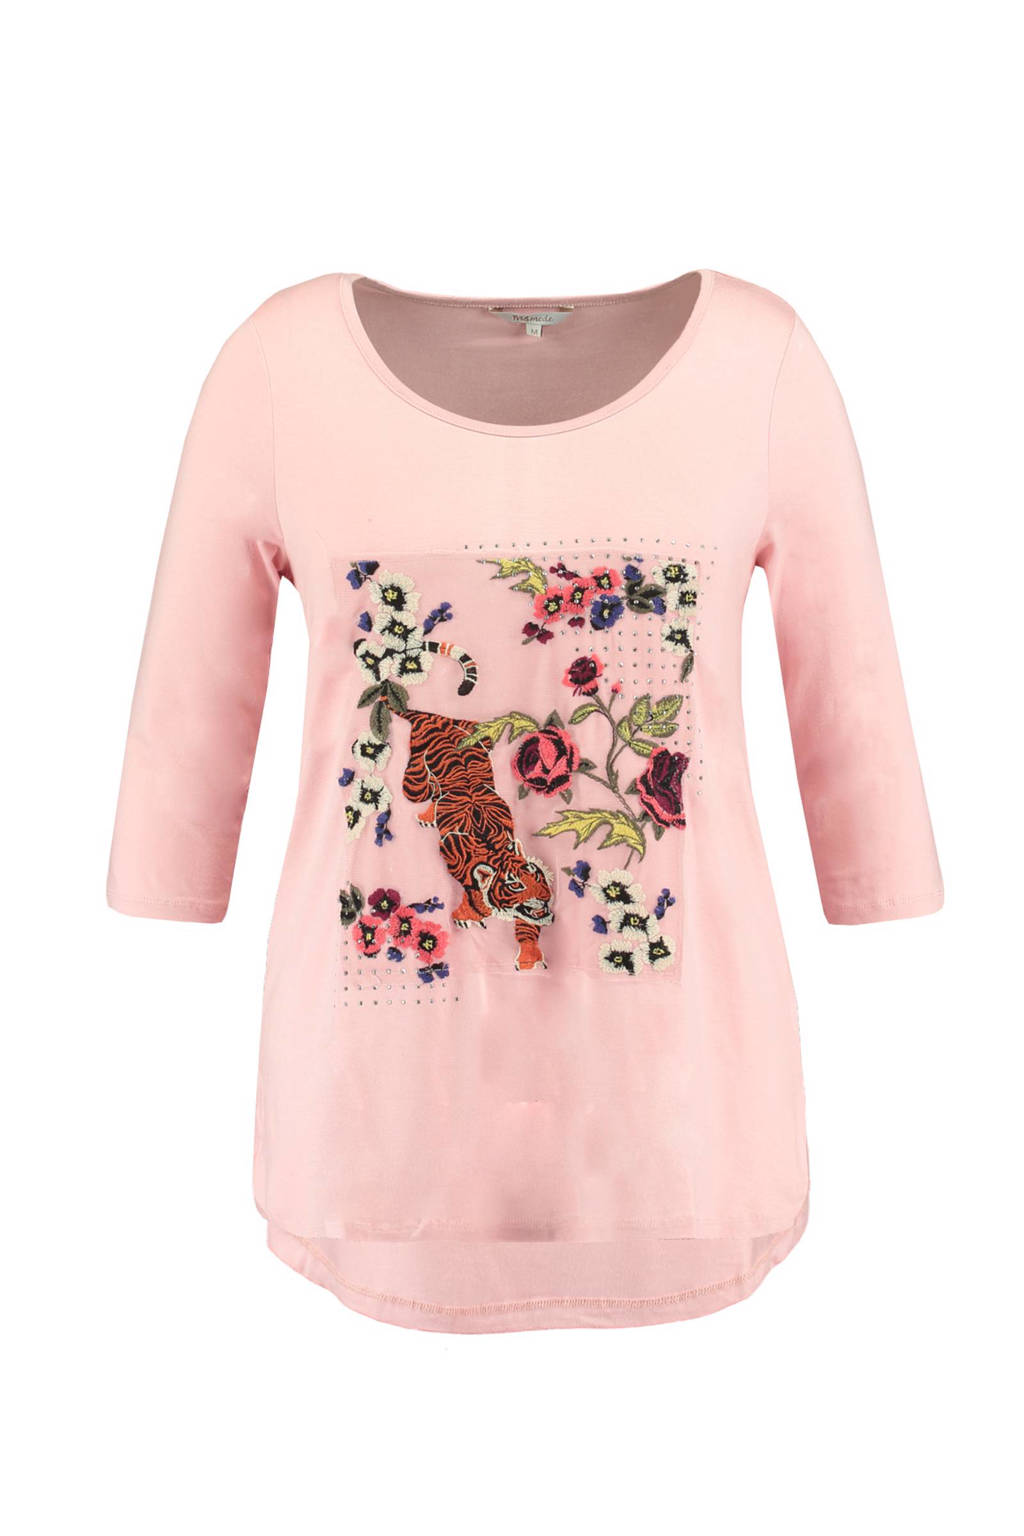 MS Mode T-shirt met bloemenborduursel, Roze